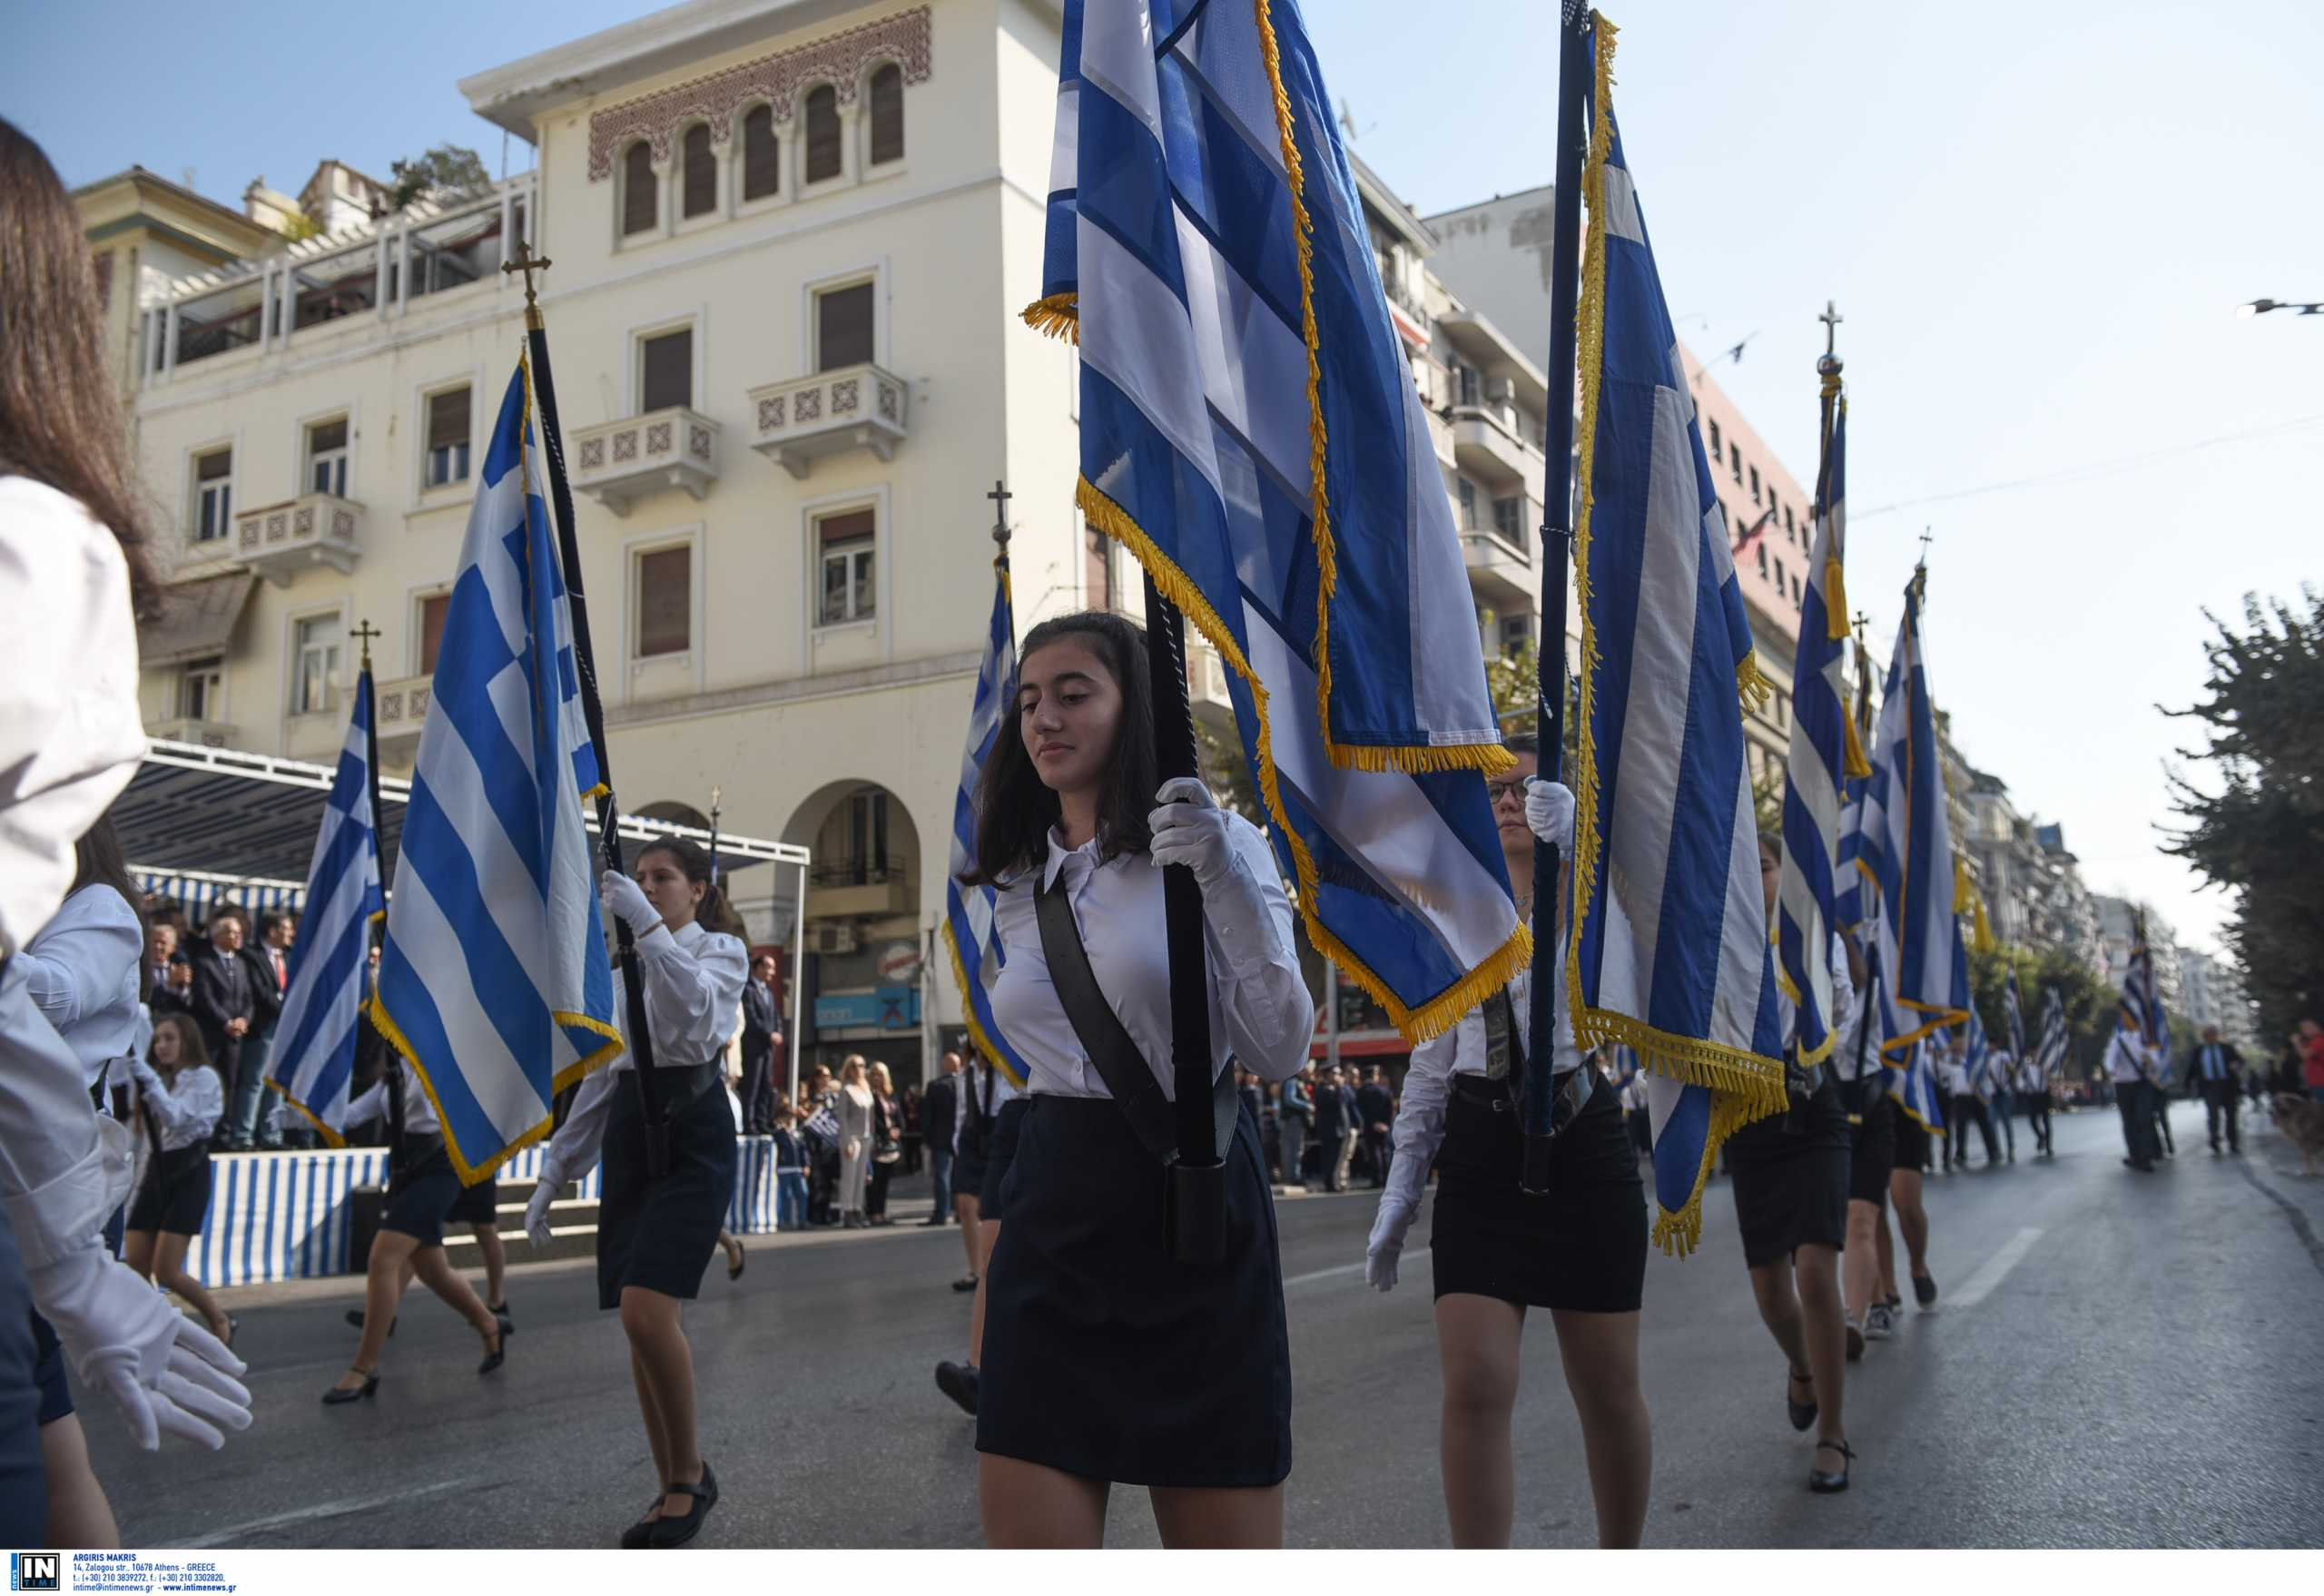 Κορονοϊός: Τι θα γίνει στη Θεσσαλονίκη με τη γιορτή Αγίου Δημητρίου και την παρέλαση